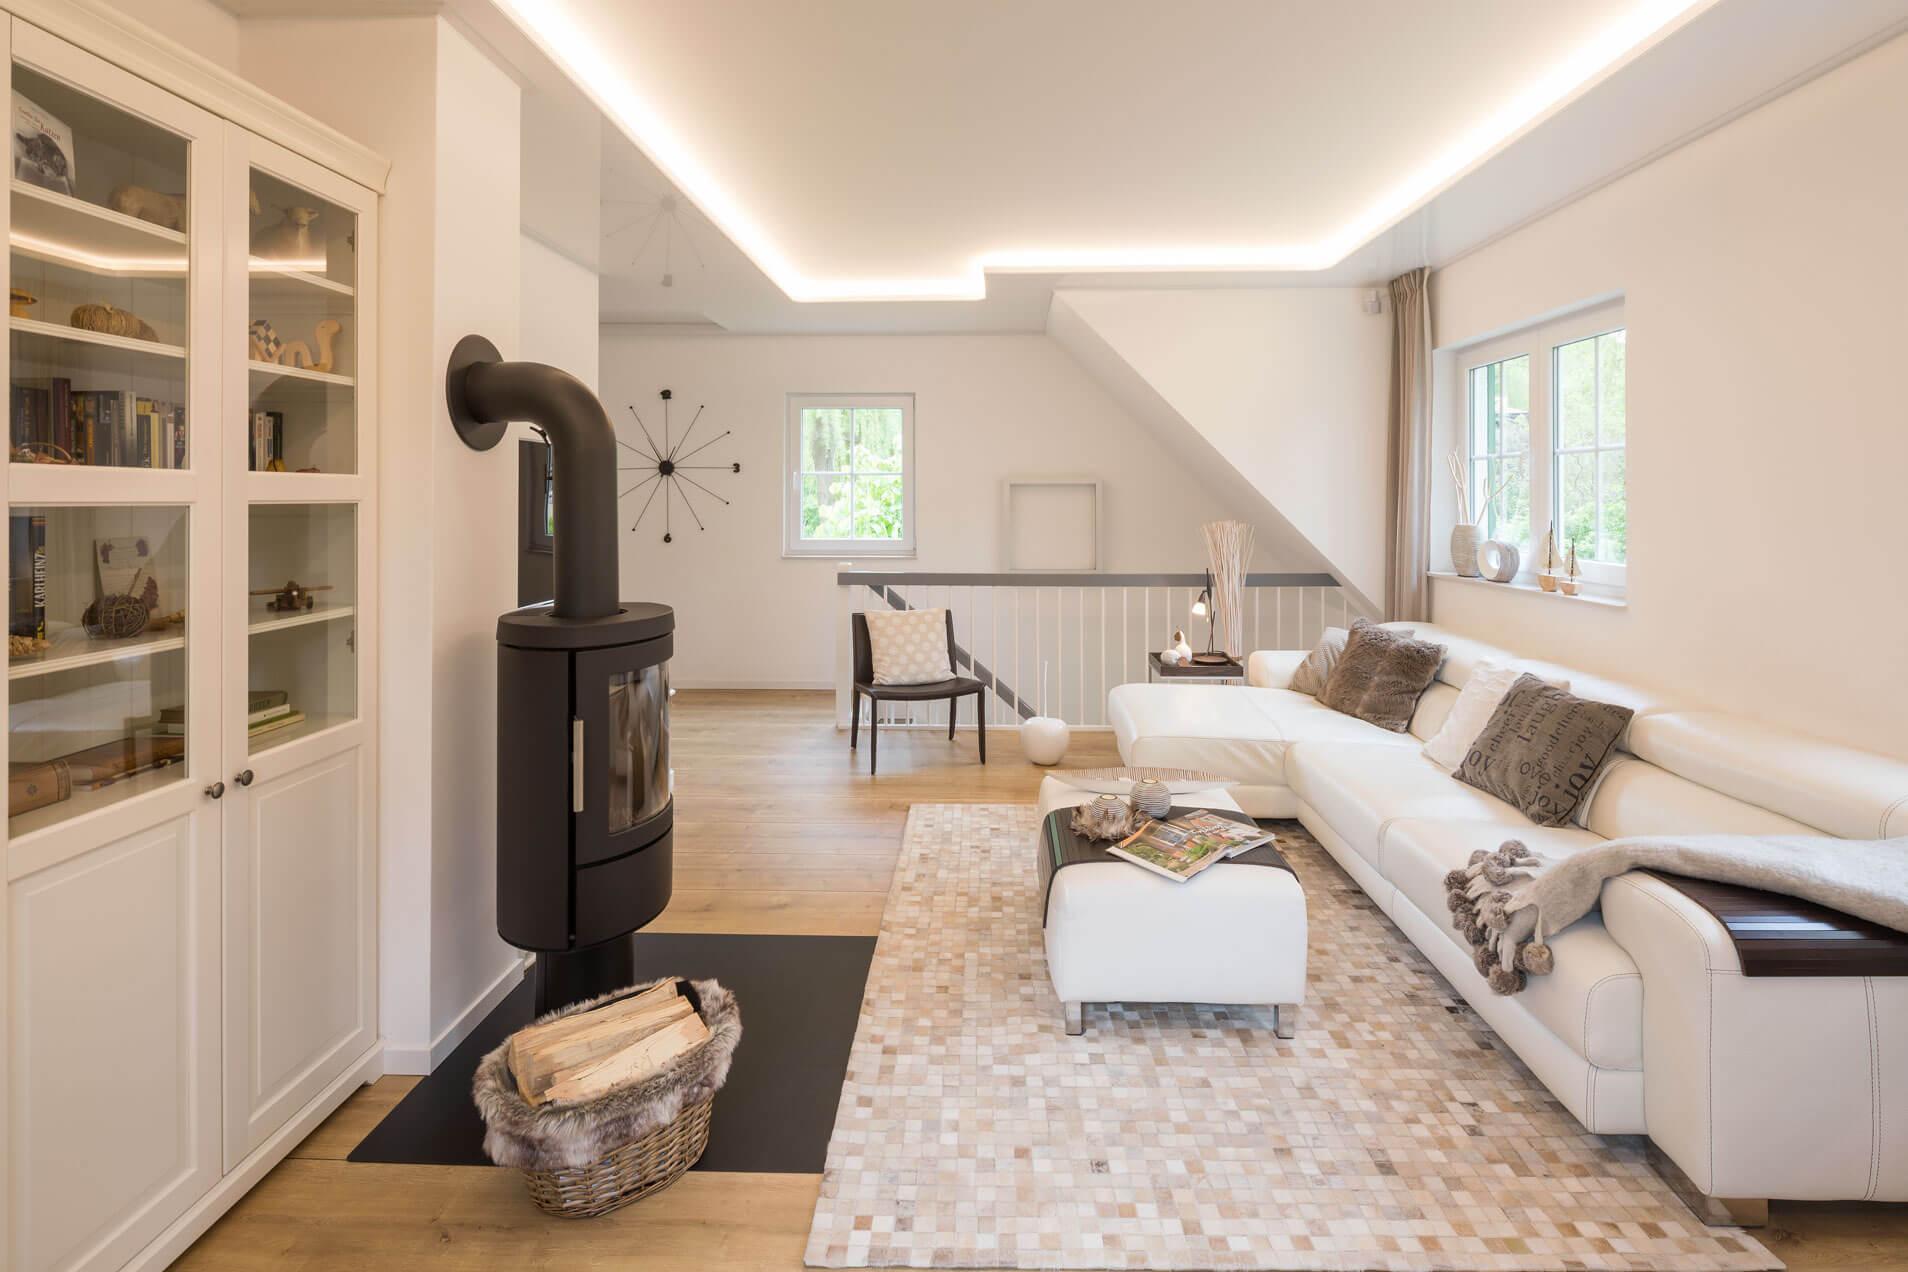 Wohnzimmer Spanndecke Tunable White